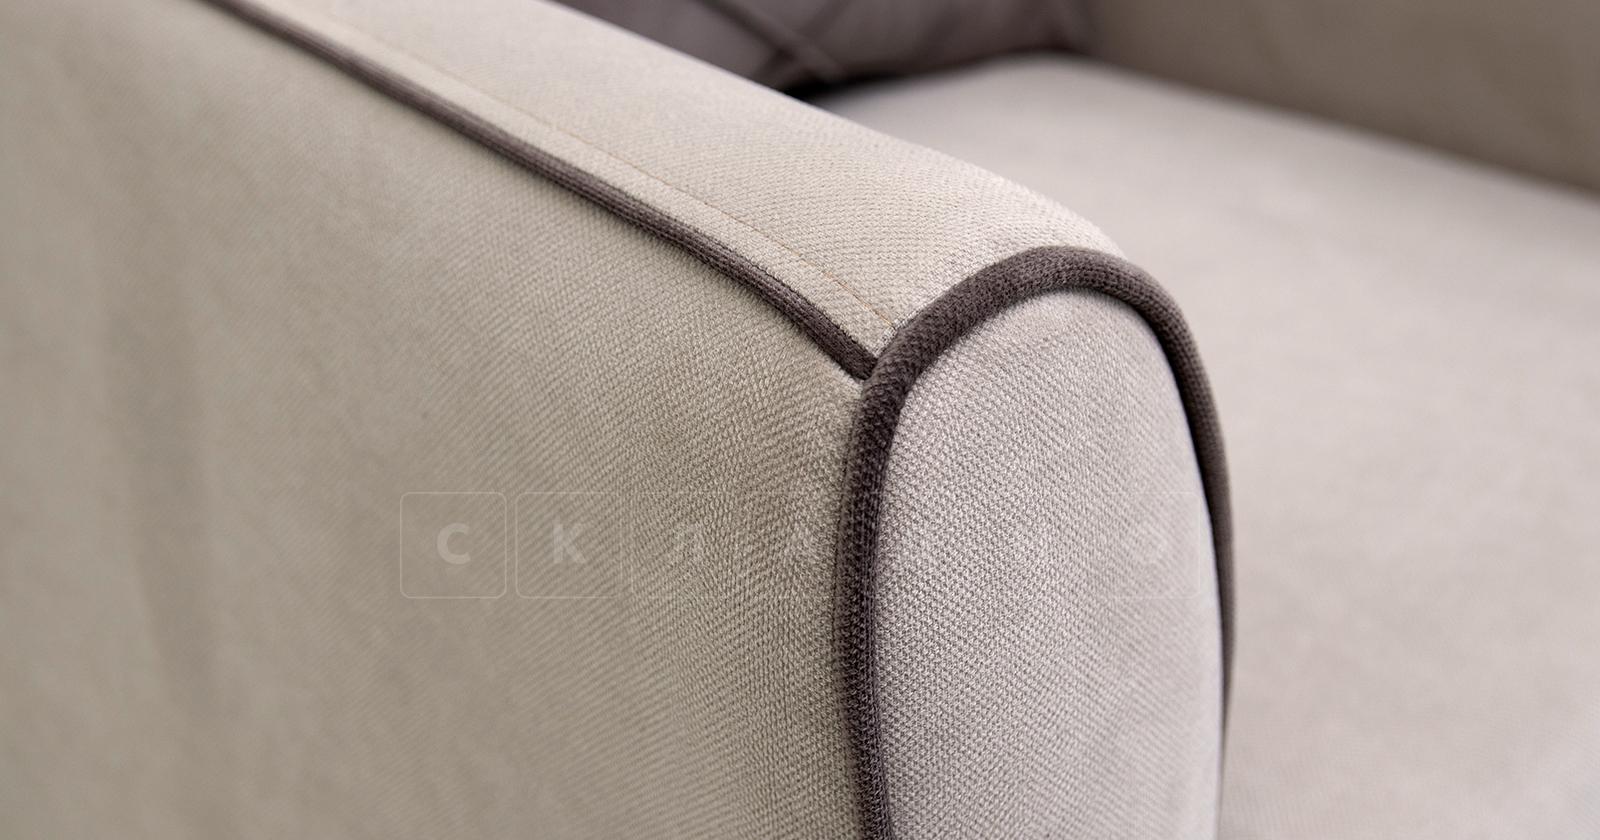 Кресло для отдыха Флэтфорд серо-бежевый фото 6 | интернет-магазин Складно